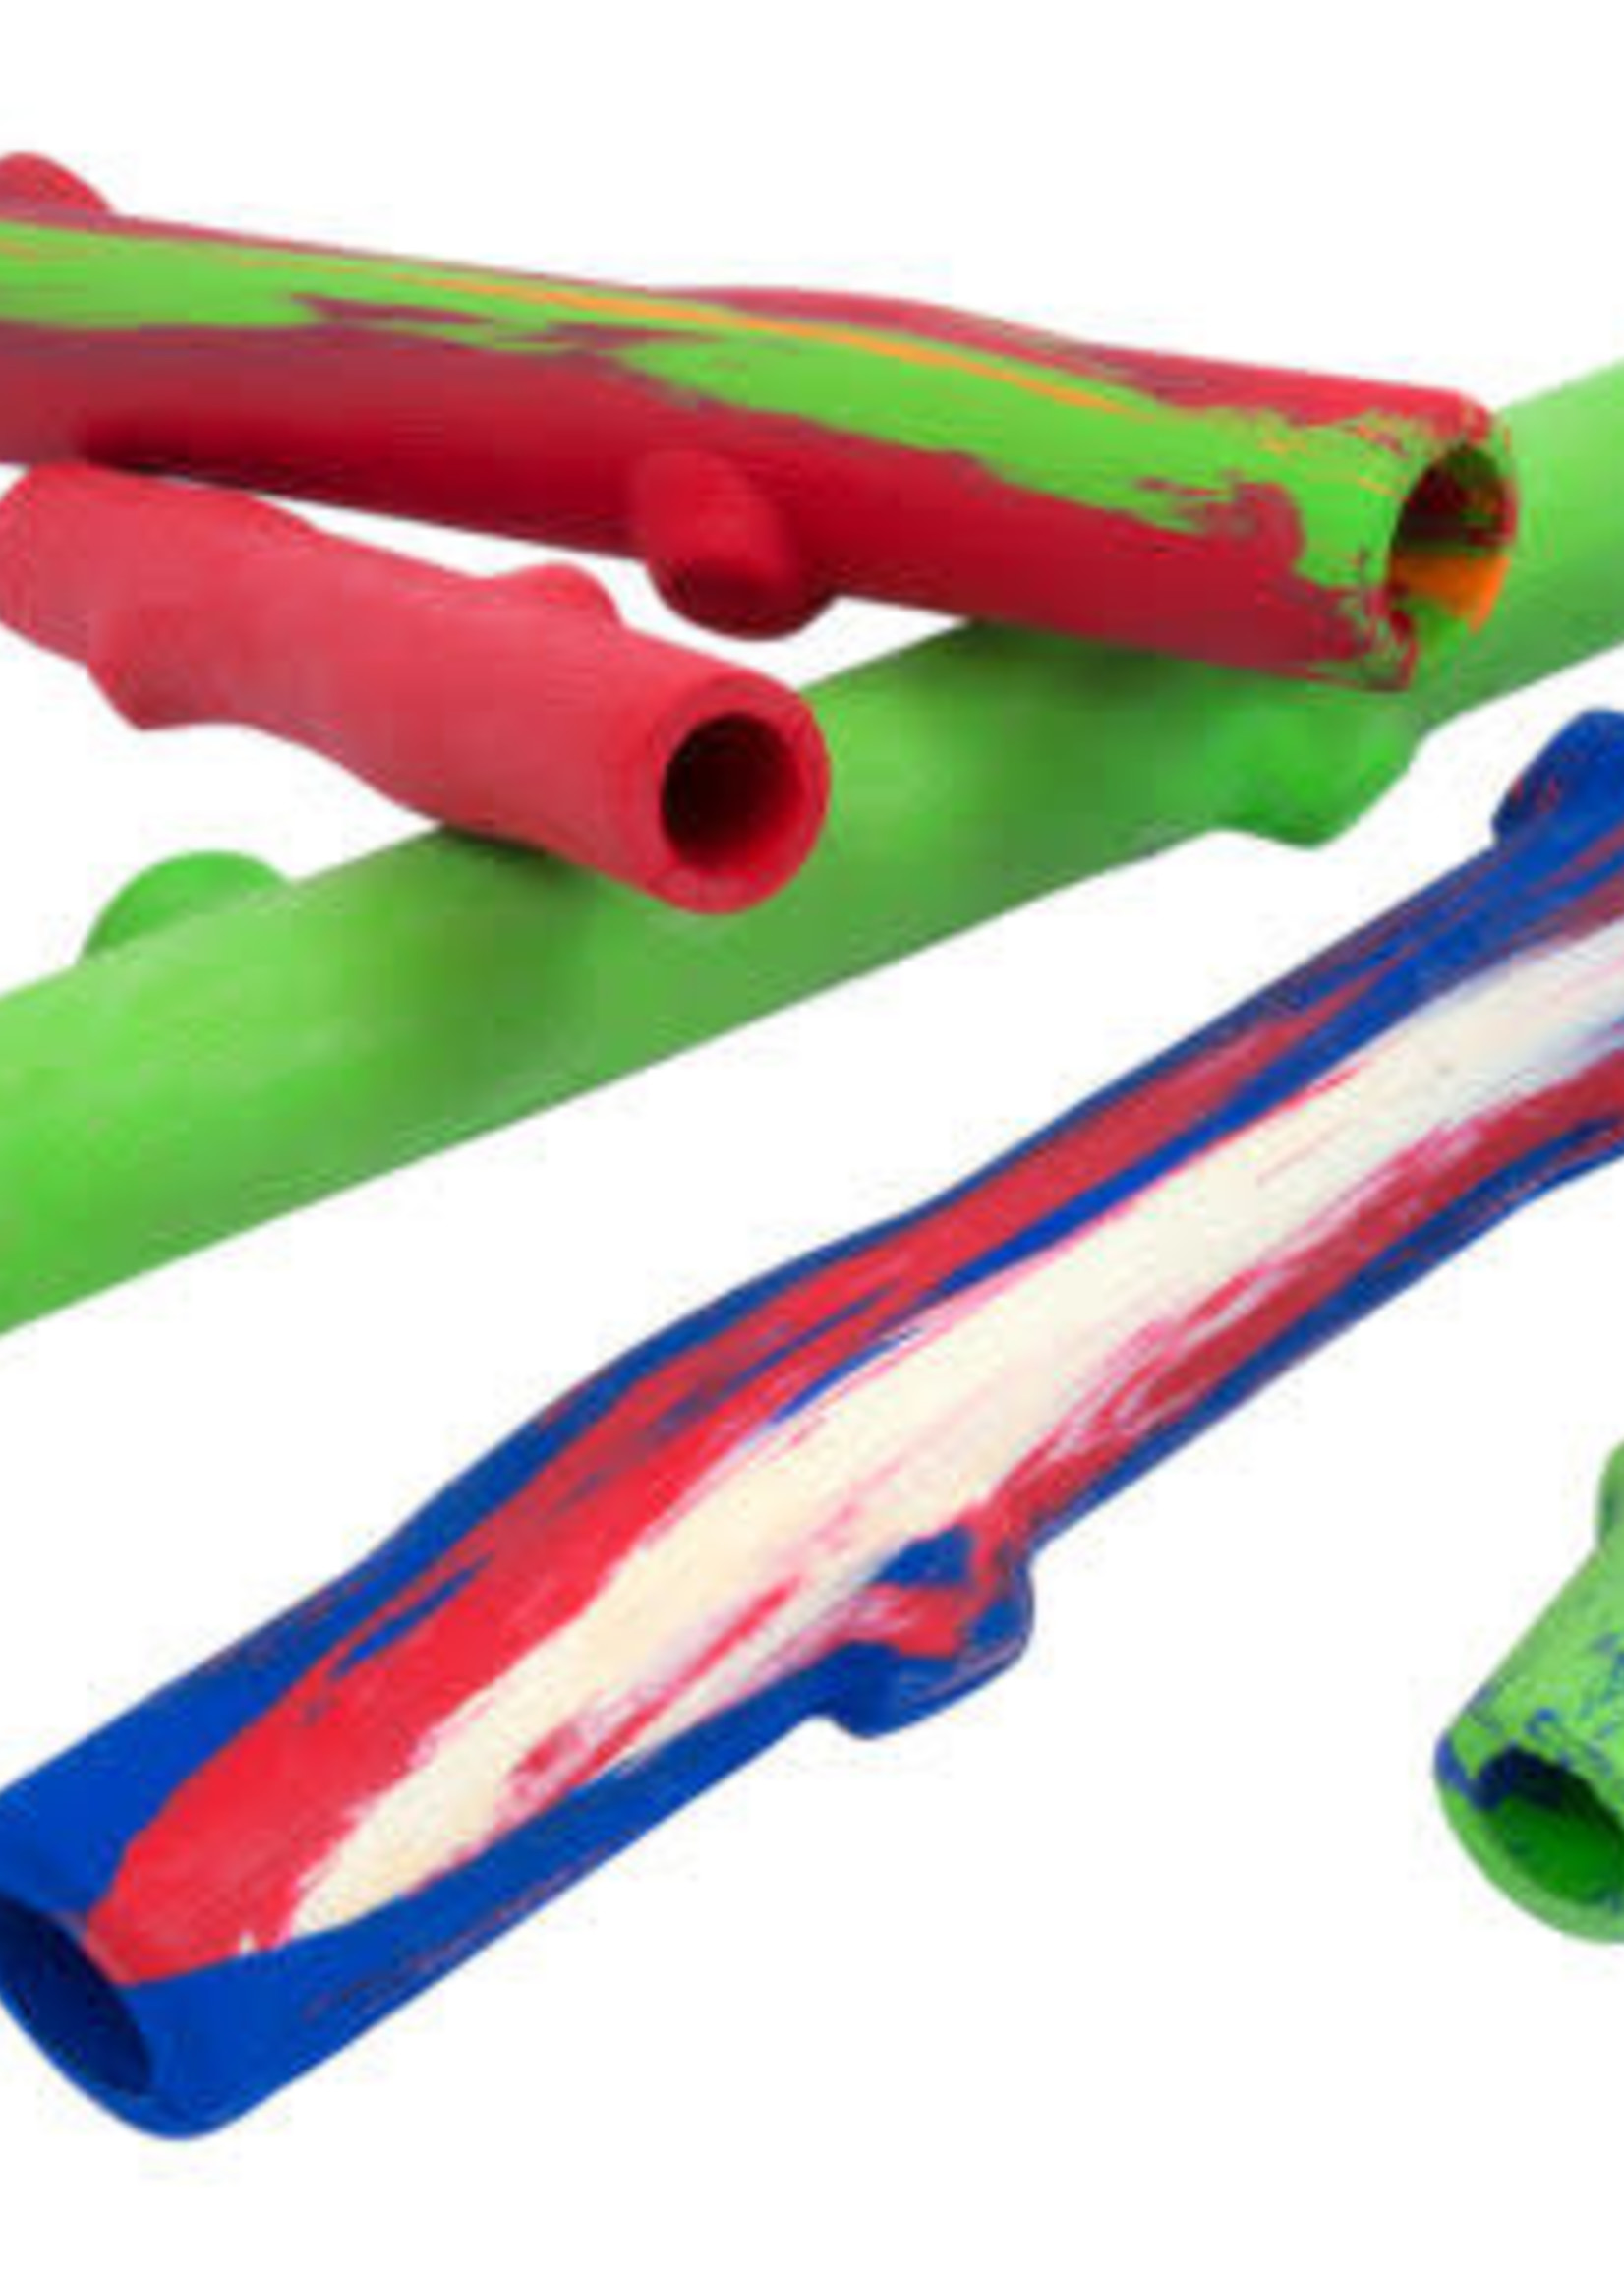 RUFF DAWG Crunch Stick: Asst'd Colors